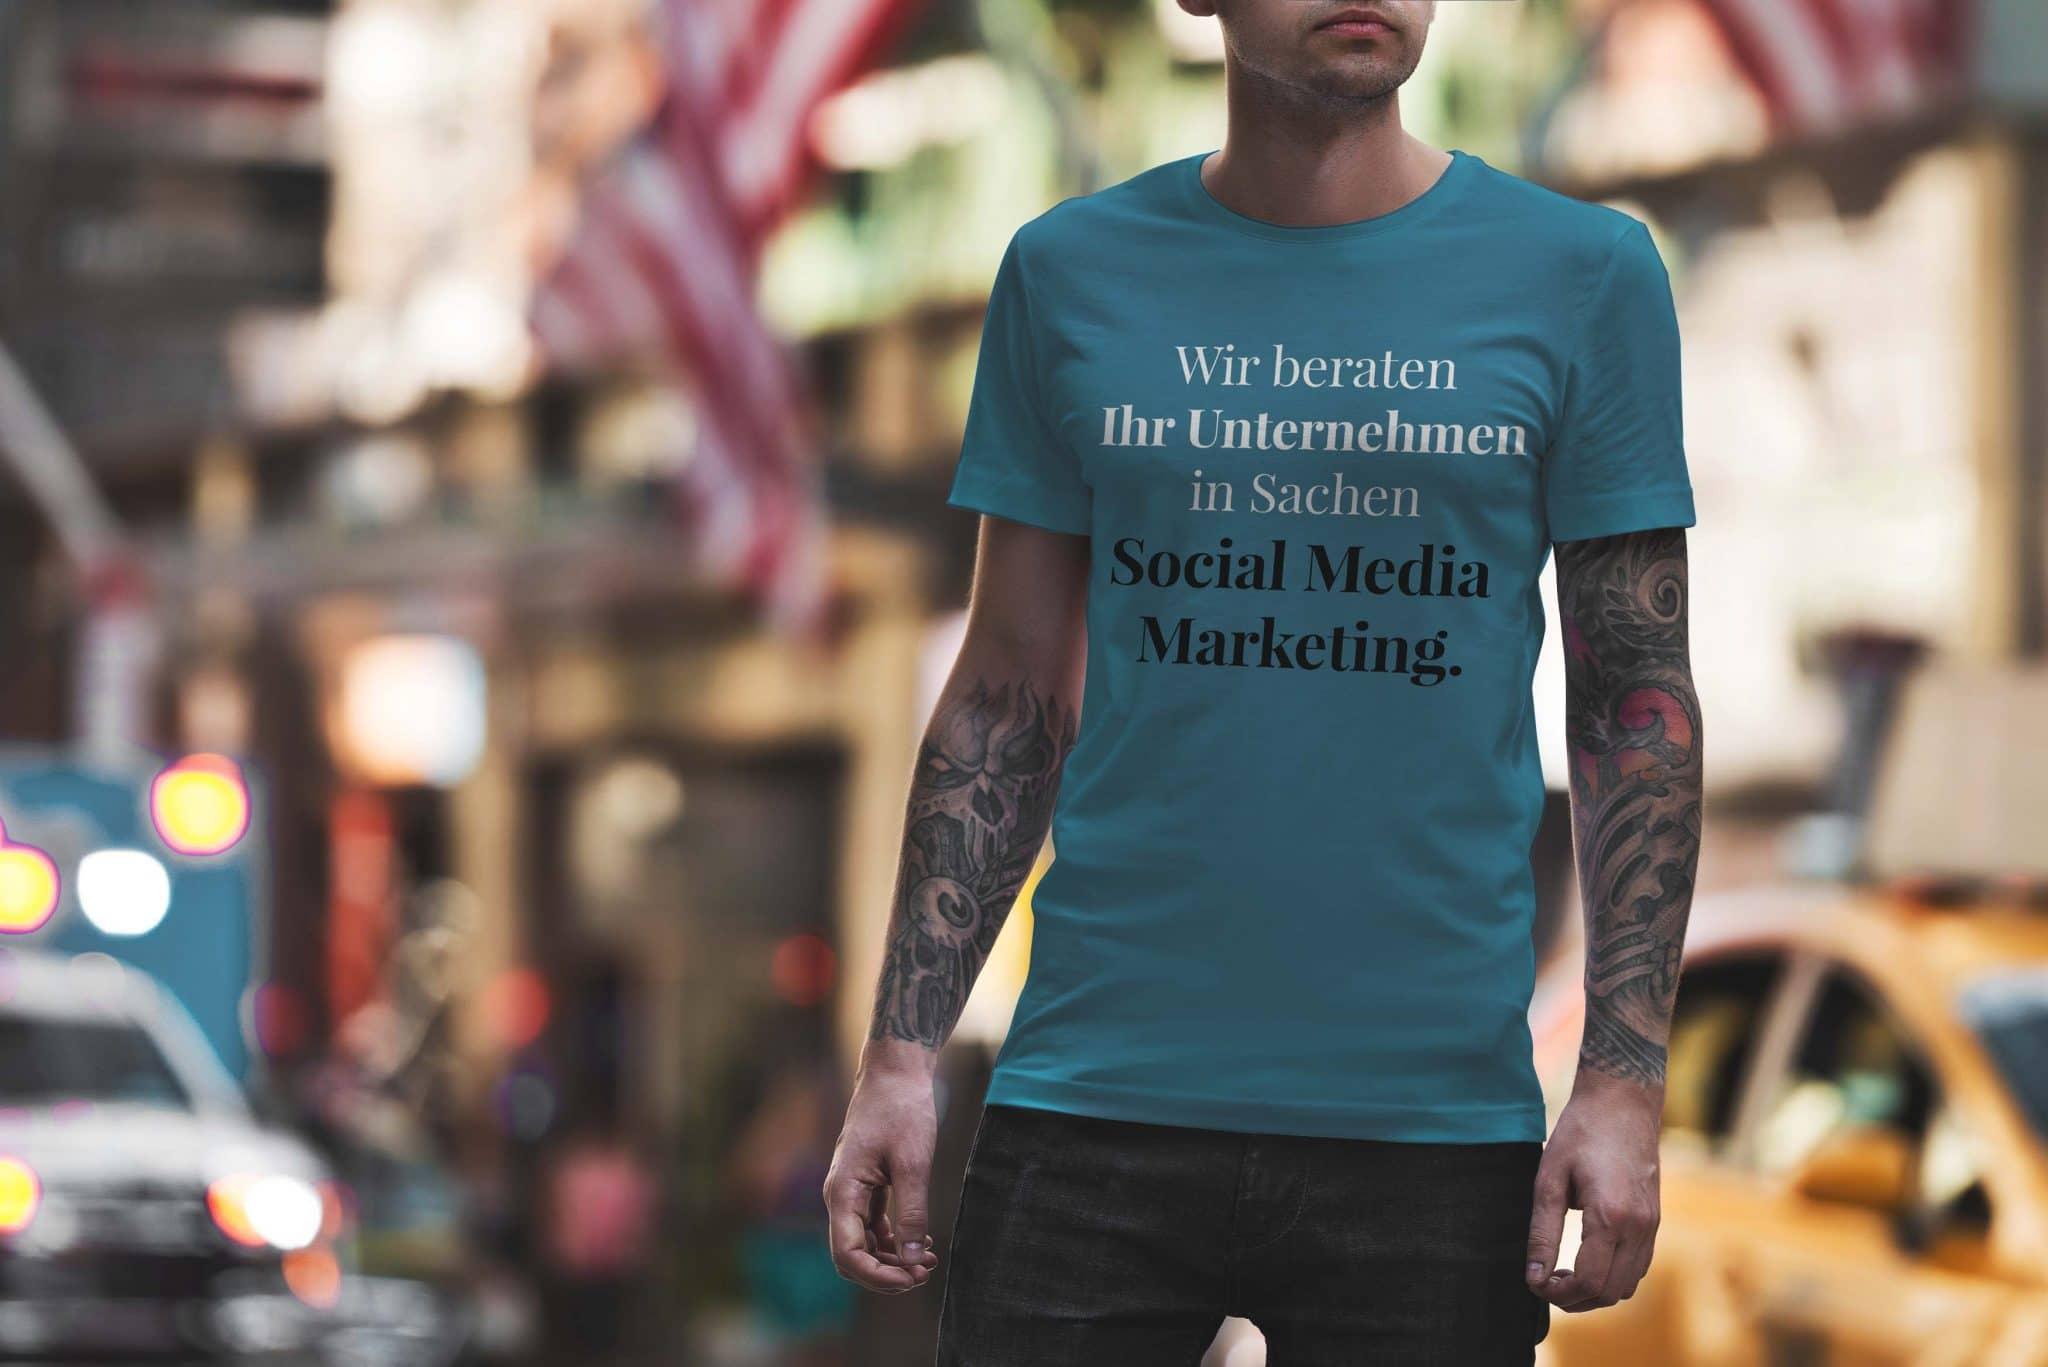 Wir beraten Ihr Unternehmen in Sachen Social Media Marketing.